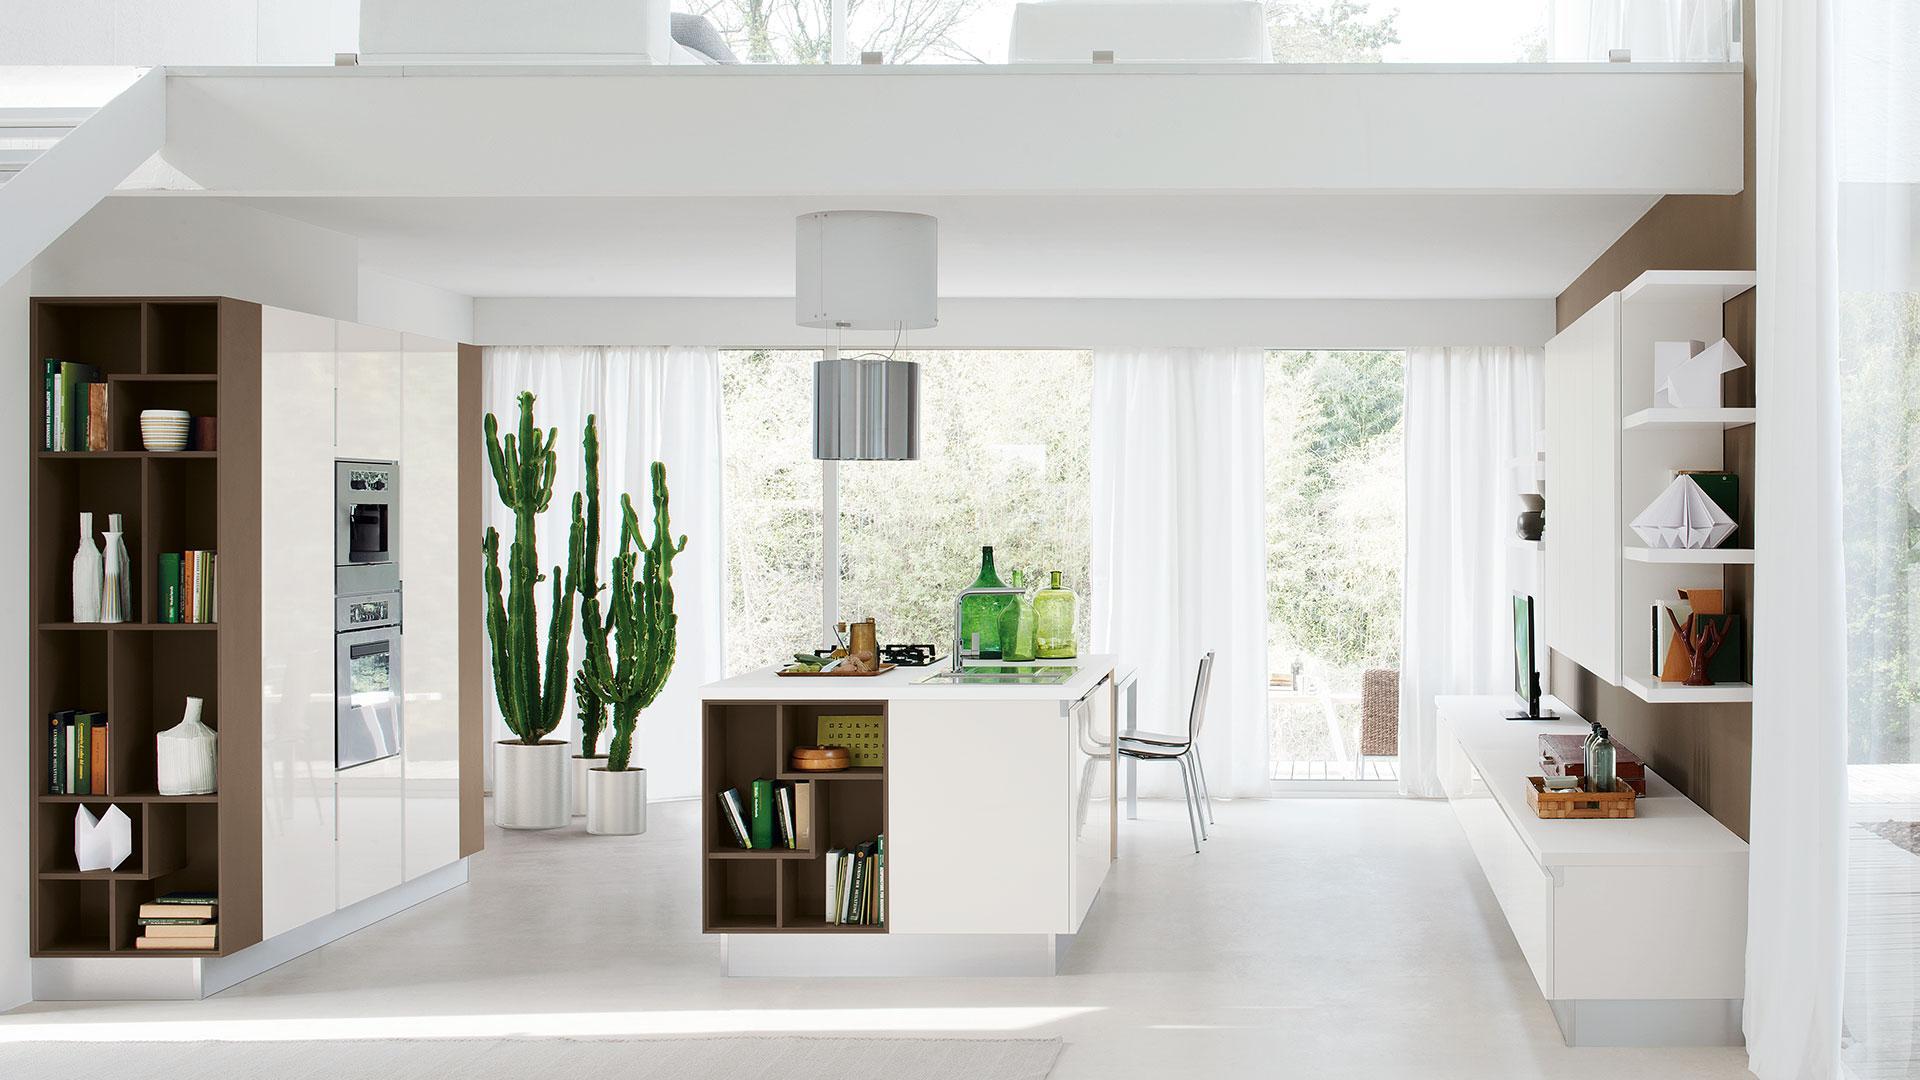 Cucina bianca 5 soluzioni per arredare proposti da lube - Cucina bianca legno ...